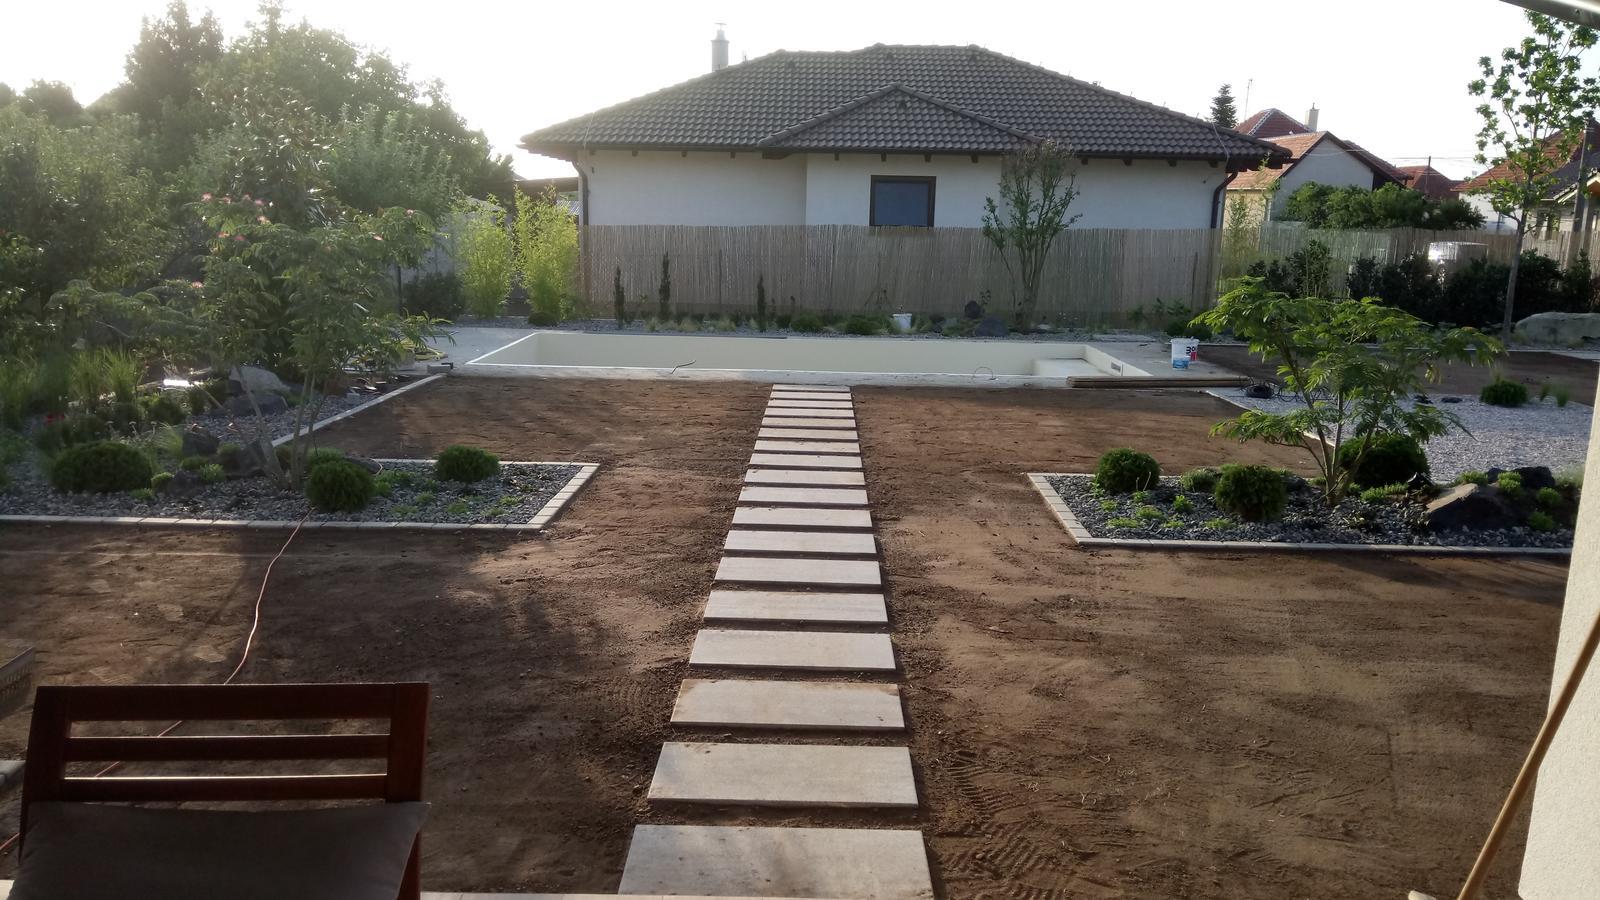 Zahrada 2017 - Obrázok č. 4